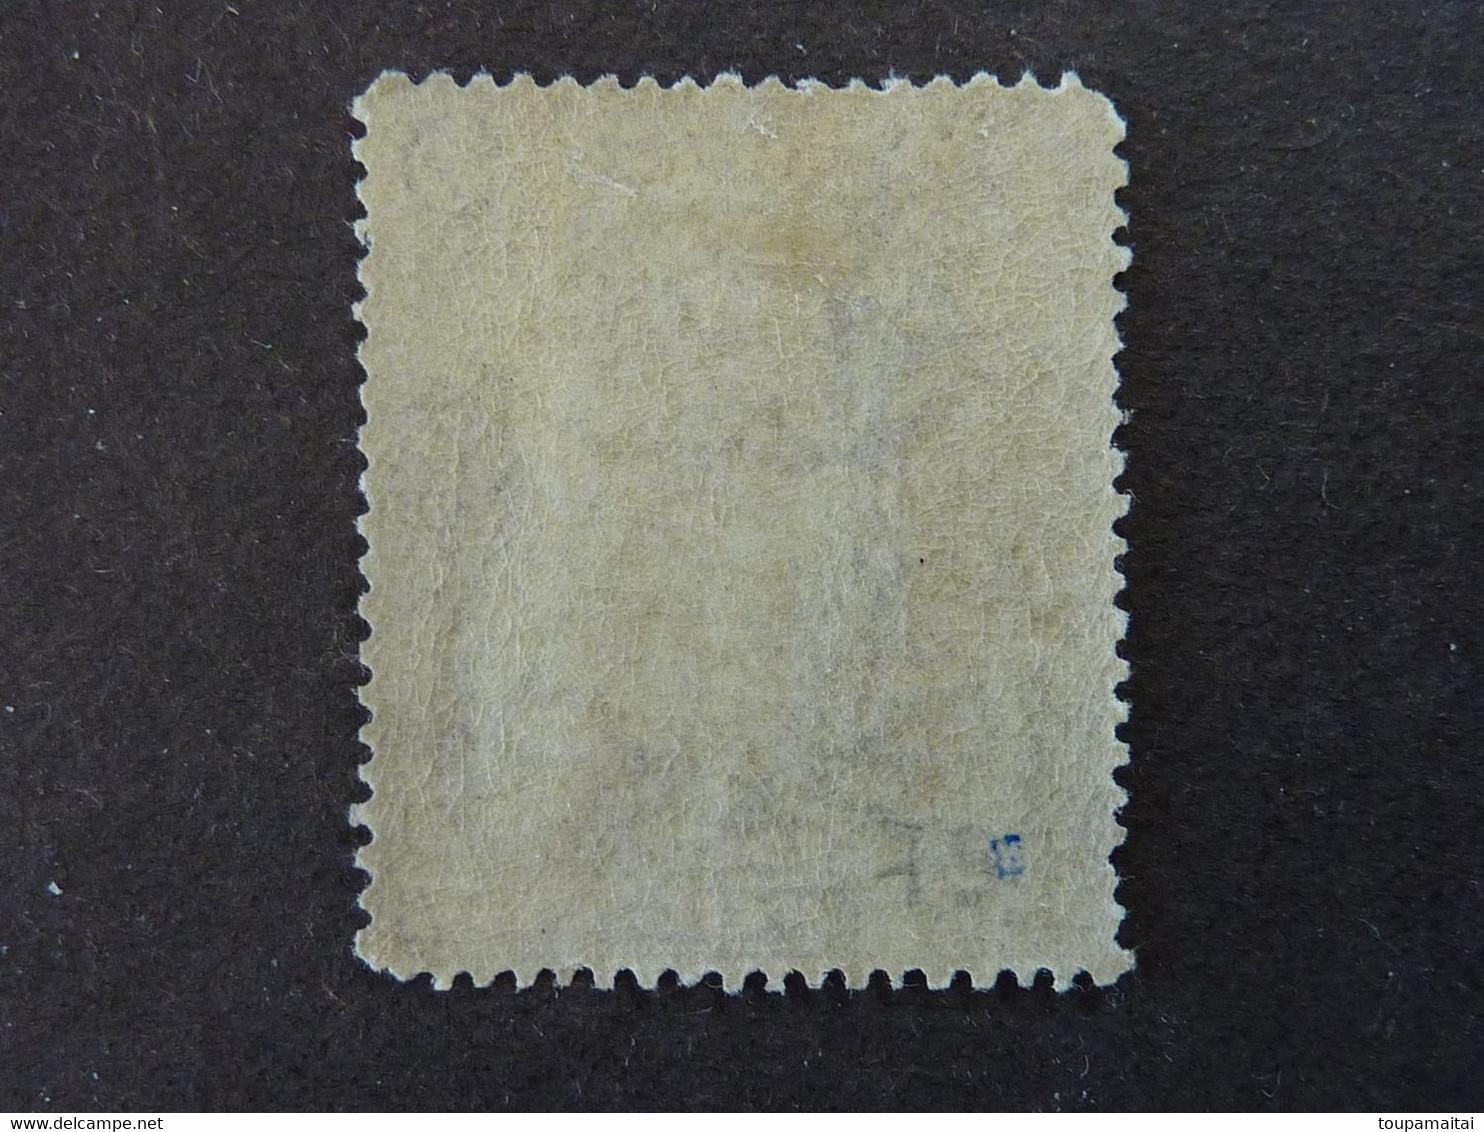 AFRIQUE DU SUD, Année 1898-1908, YT N° 73 Neuf, Très Légère Trace Charnière, Dent. 15x15, Cote 6.000 EUR - Nueva República (1886-1887)